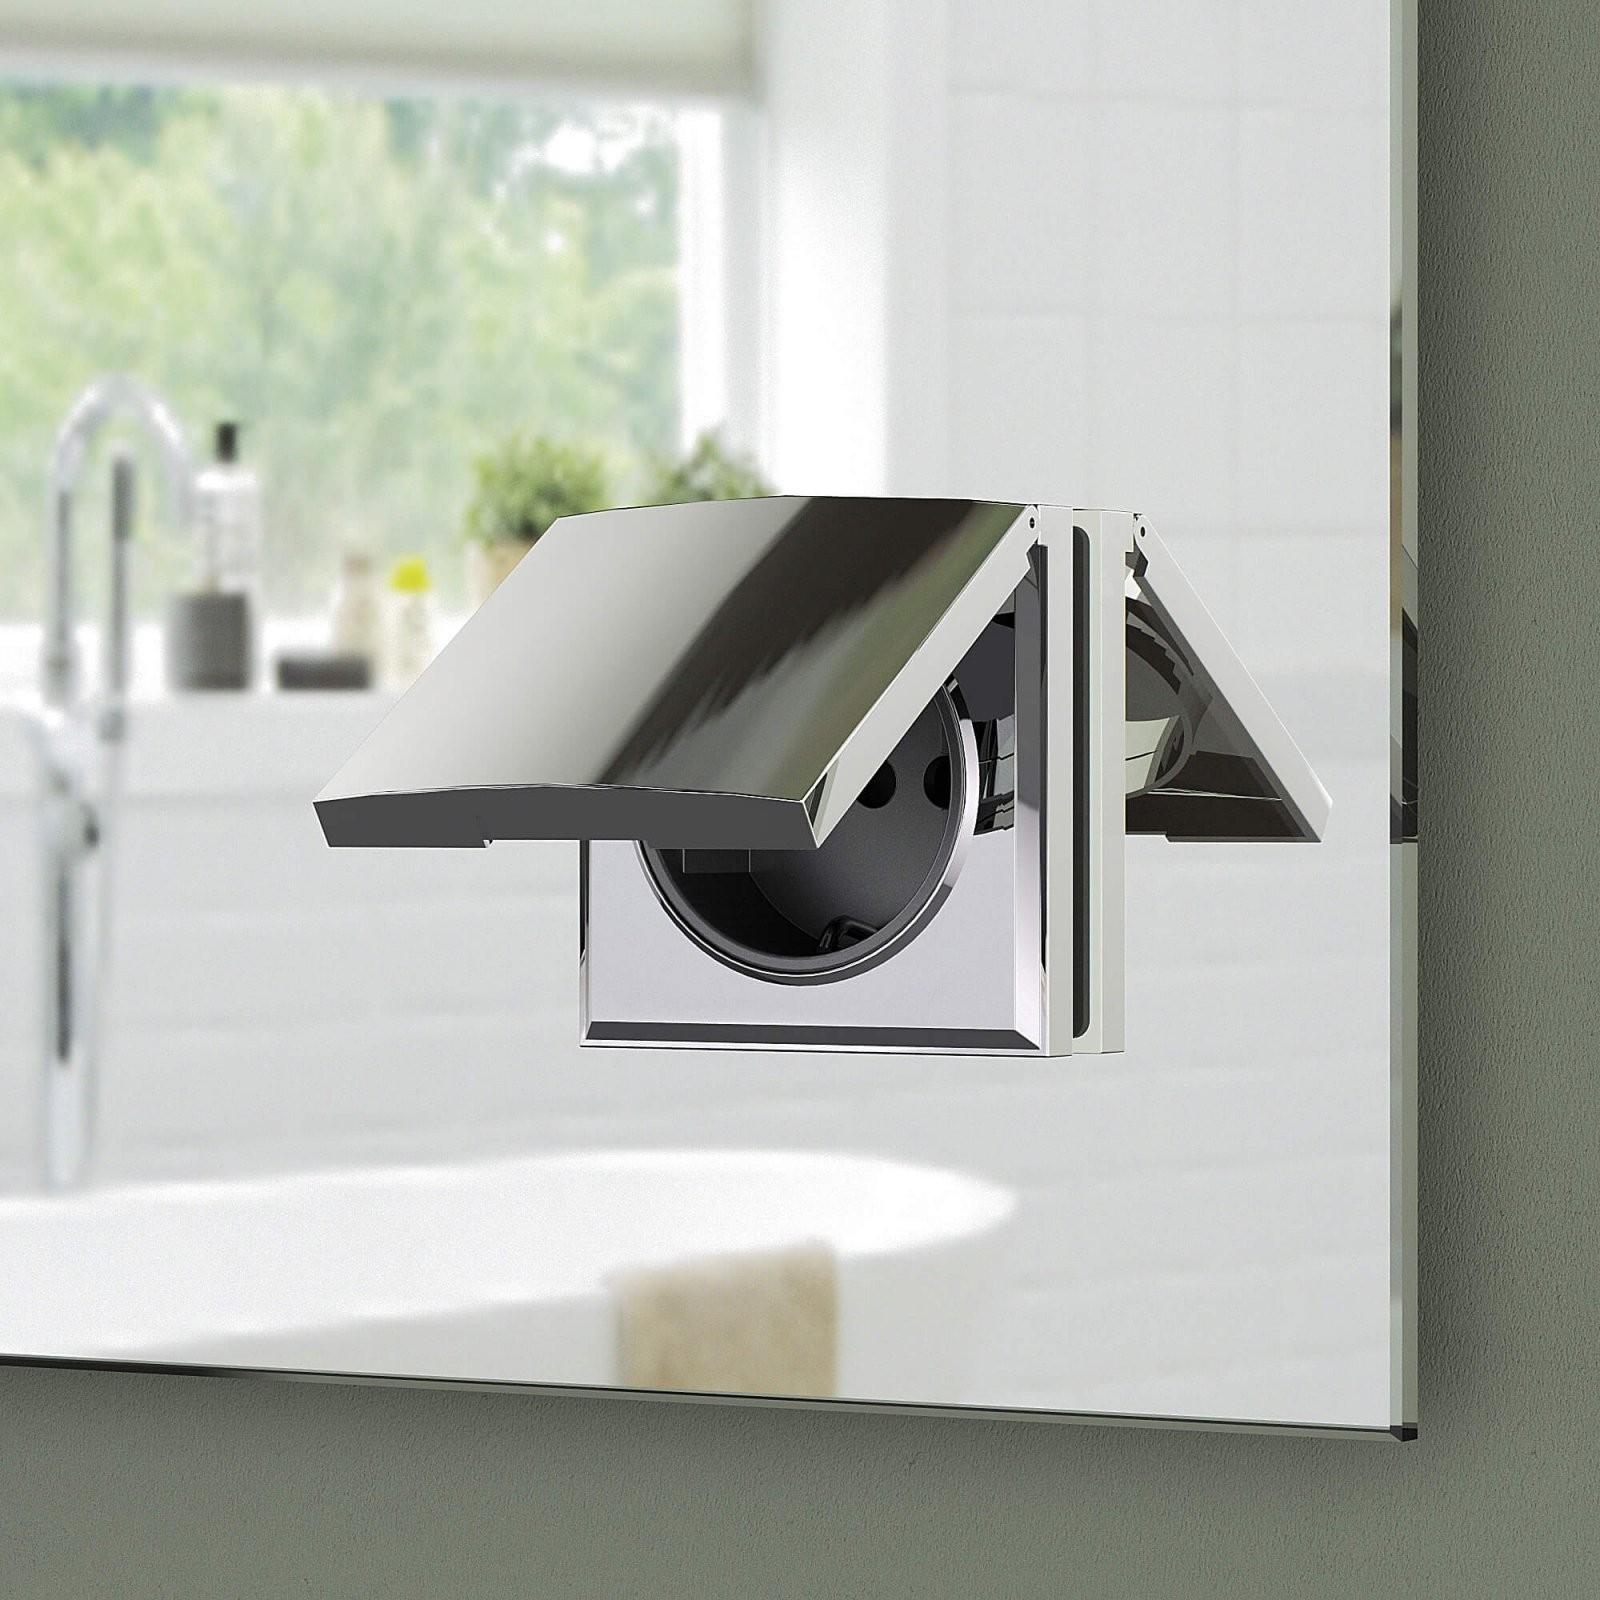 Badspiegel Mit Ablage  Badezimmerspiegel Mit Steckdose von Led Spiegel Mit Steckdose Bild